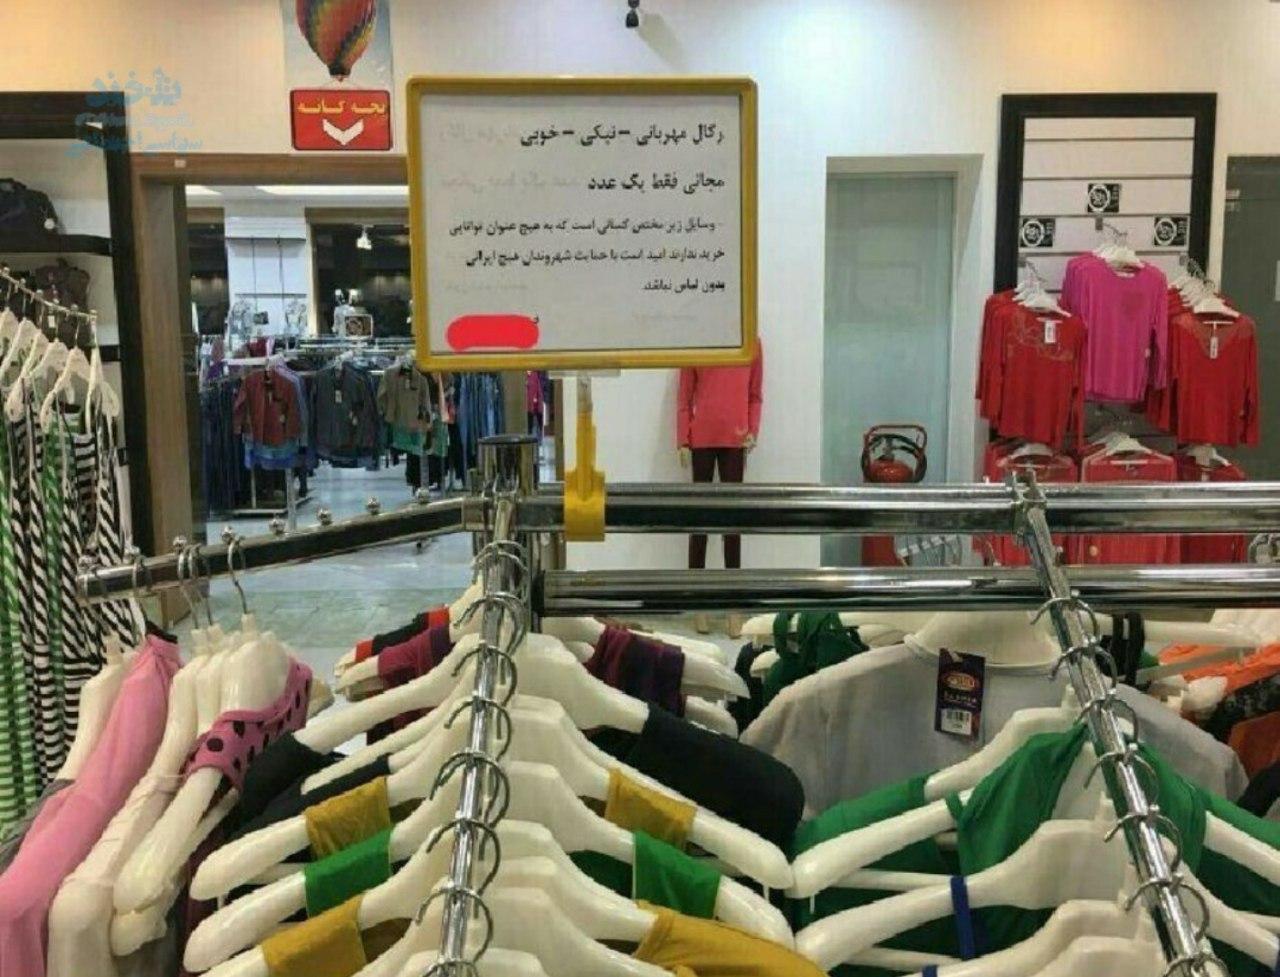 اقدام پسندیده یک فروشگاه لباس فروشی در تبریز +عکس